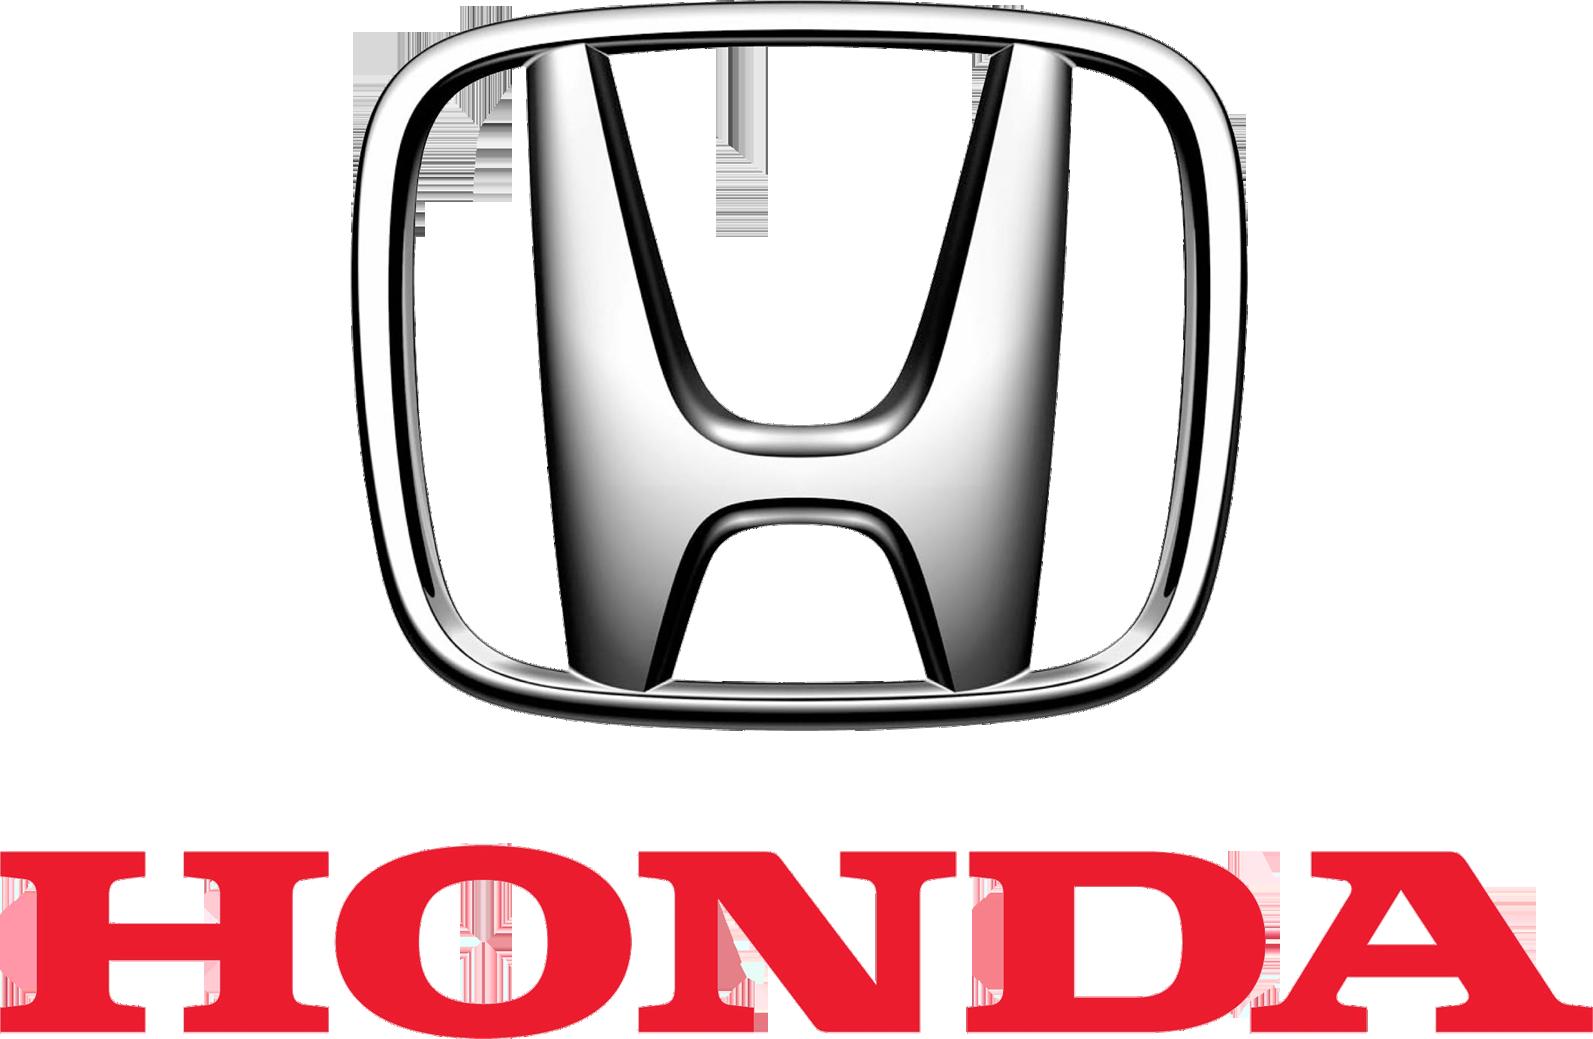 Excalibur Auto Body Works on Honda